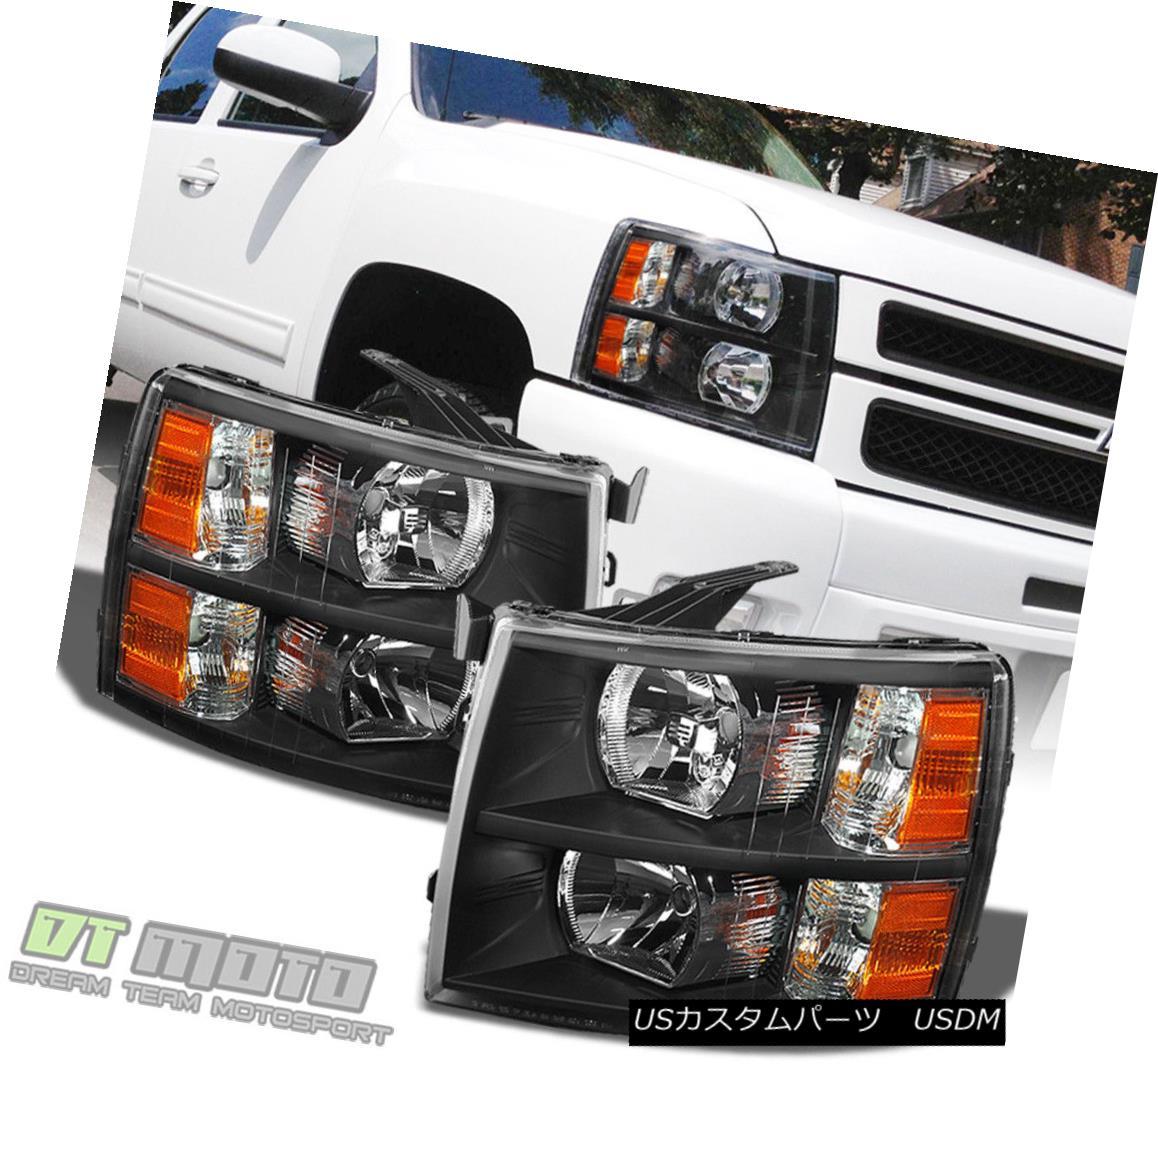 ヘッドライト Blk 2007-2014 Chevy Silverado 1500 2500HD Replacement Headlights Lamp Left+Right Blk 2007-2014 Chevy Silverado 1500 2500HD交換用ヘッドライトランプ左+右